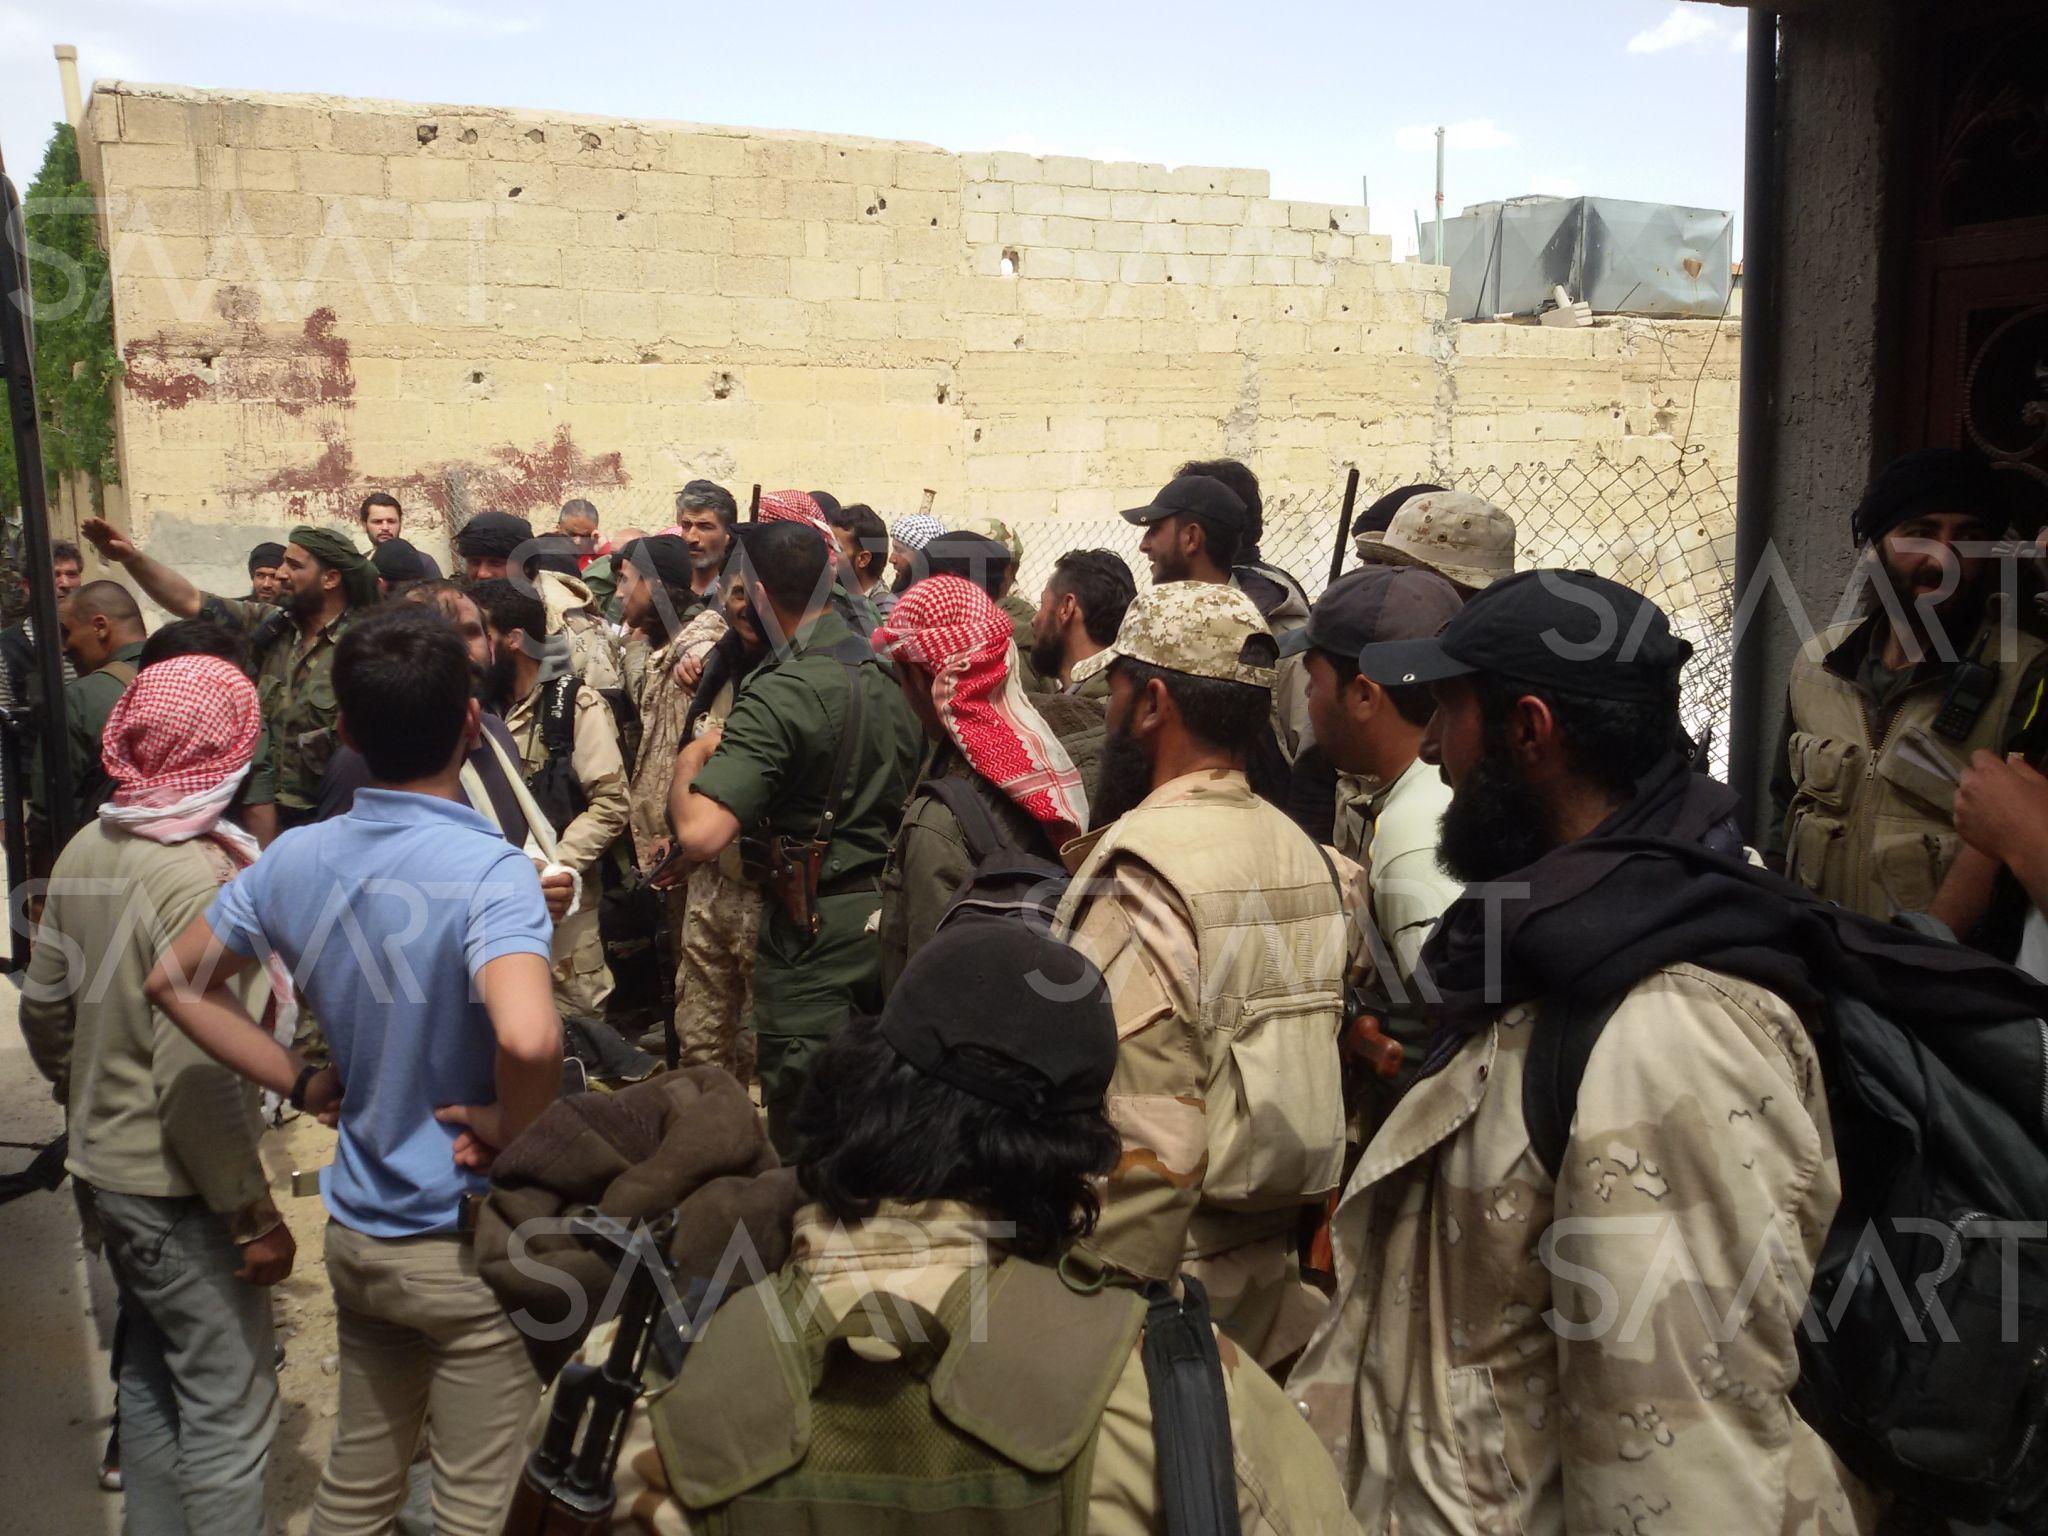 دام برس : دام برس | الاحتلال التركي يوطن 60 ألفاً من عائلات «النصرة» في عفرين